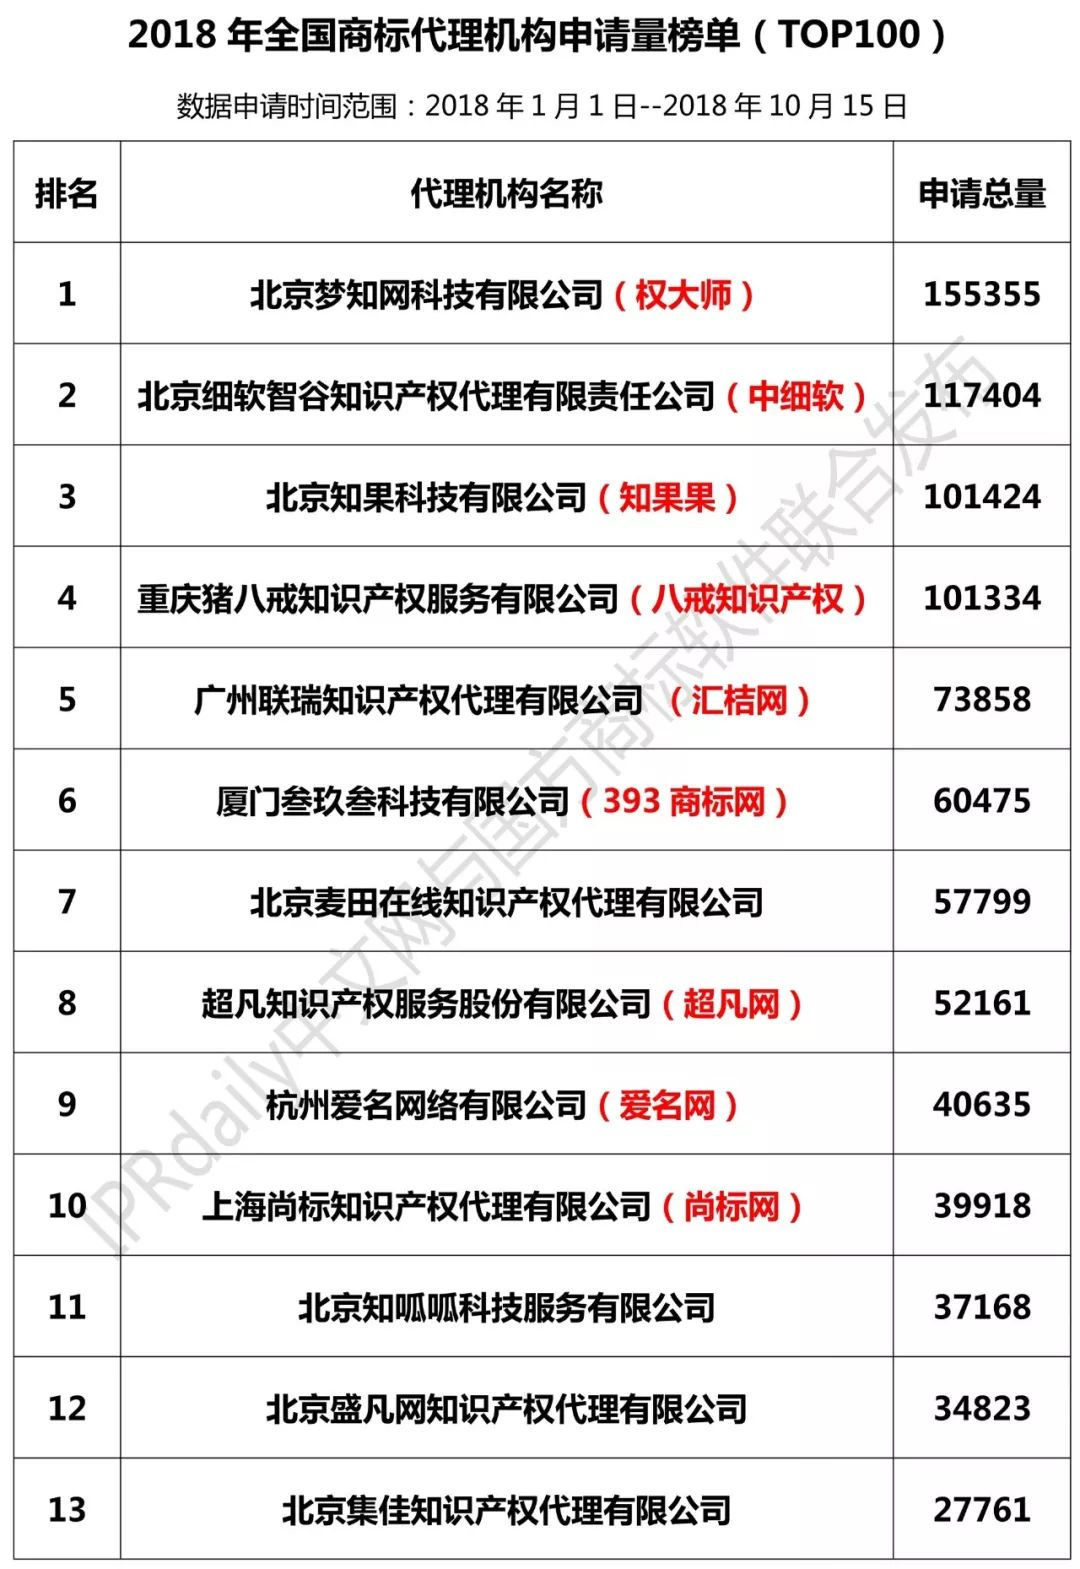 2018年全国商标代理机构申请量榜单(TOP100)